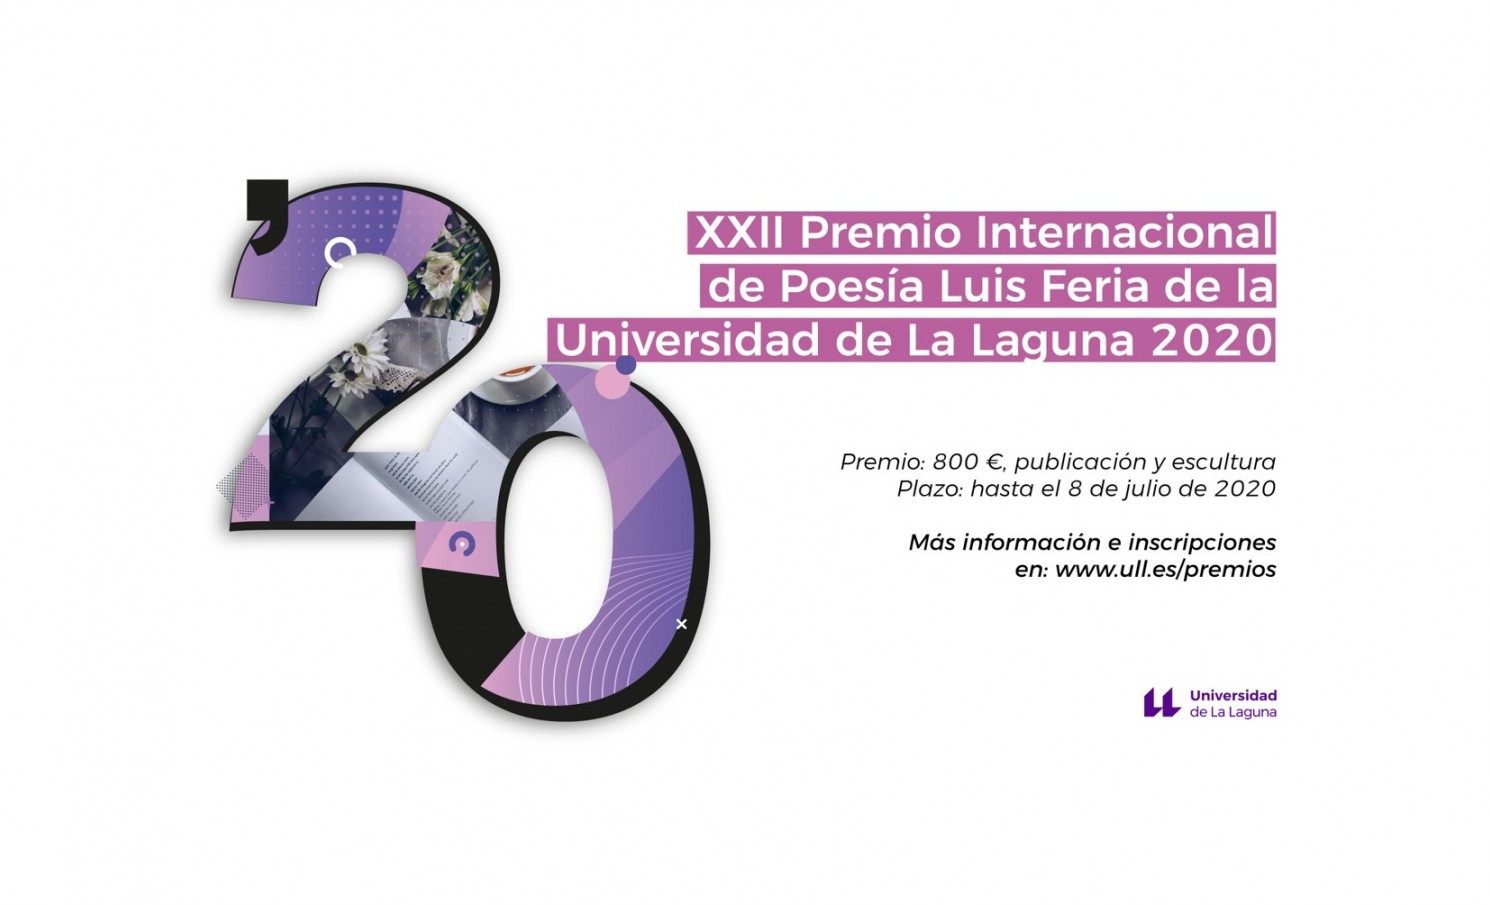 XXII PREMIO INTERNACIONAL DE POESIA LUIS FERIA  DE LA UNIVERSIDAD DE LA LAGUNA 2020